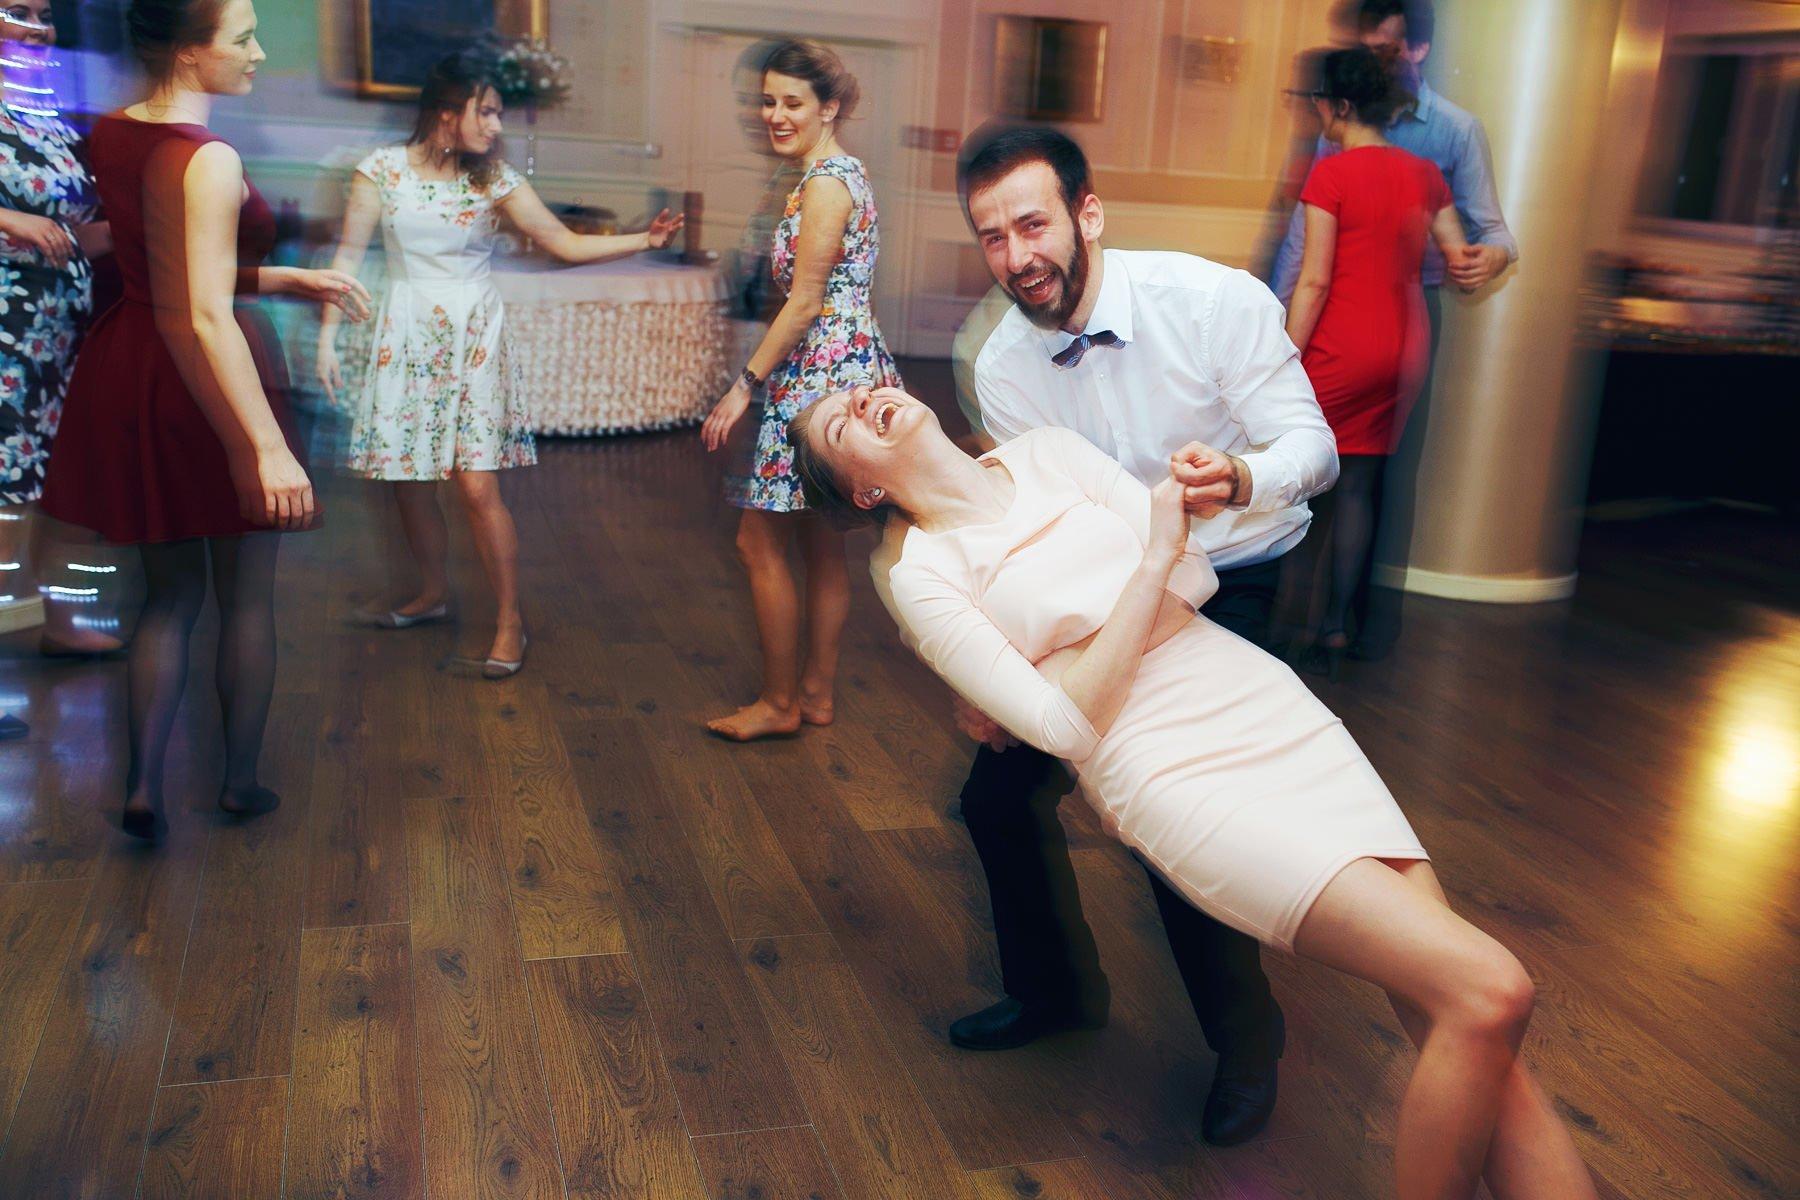 fotograf slub bielsko biala ania maciej 163 - Ślub w Bielsku-Białej - ANIA & MACIEJ